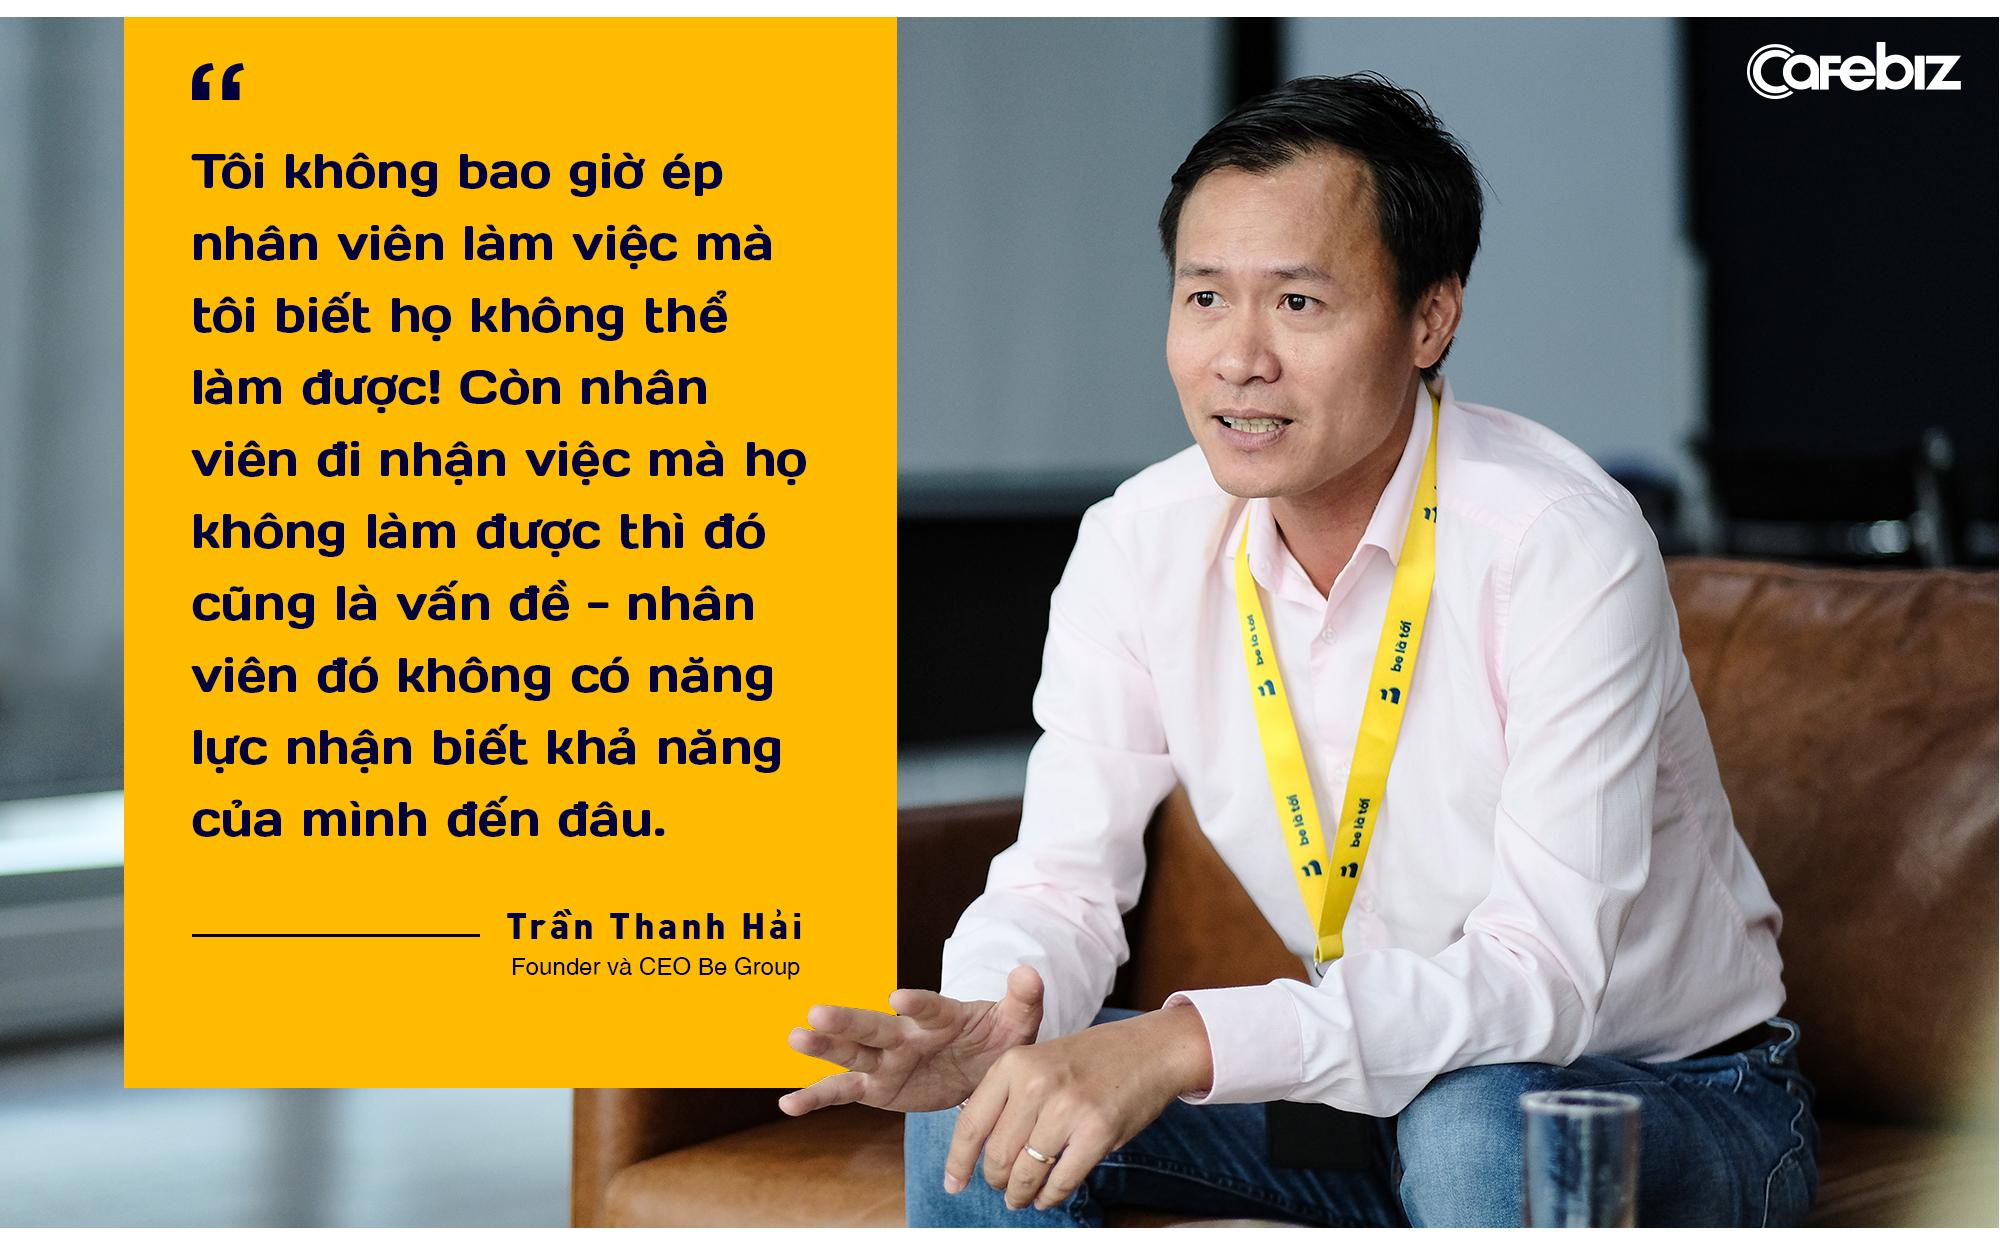 """Founder kiêm CEO Be Group: Tôi khởi sự cùng """"be"""" bởi lòng tự ái của một người Việt Nam và tin rằng """"be"""" sẽ có một chỗ đứng xứng đáng! - Ảnh 11."""